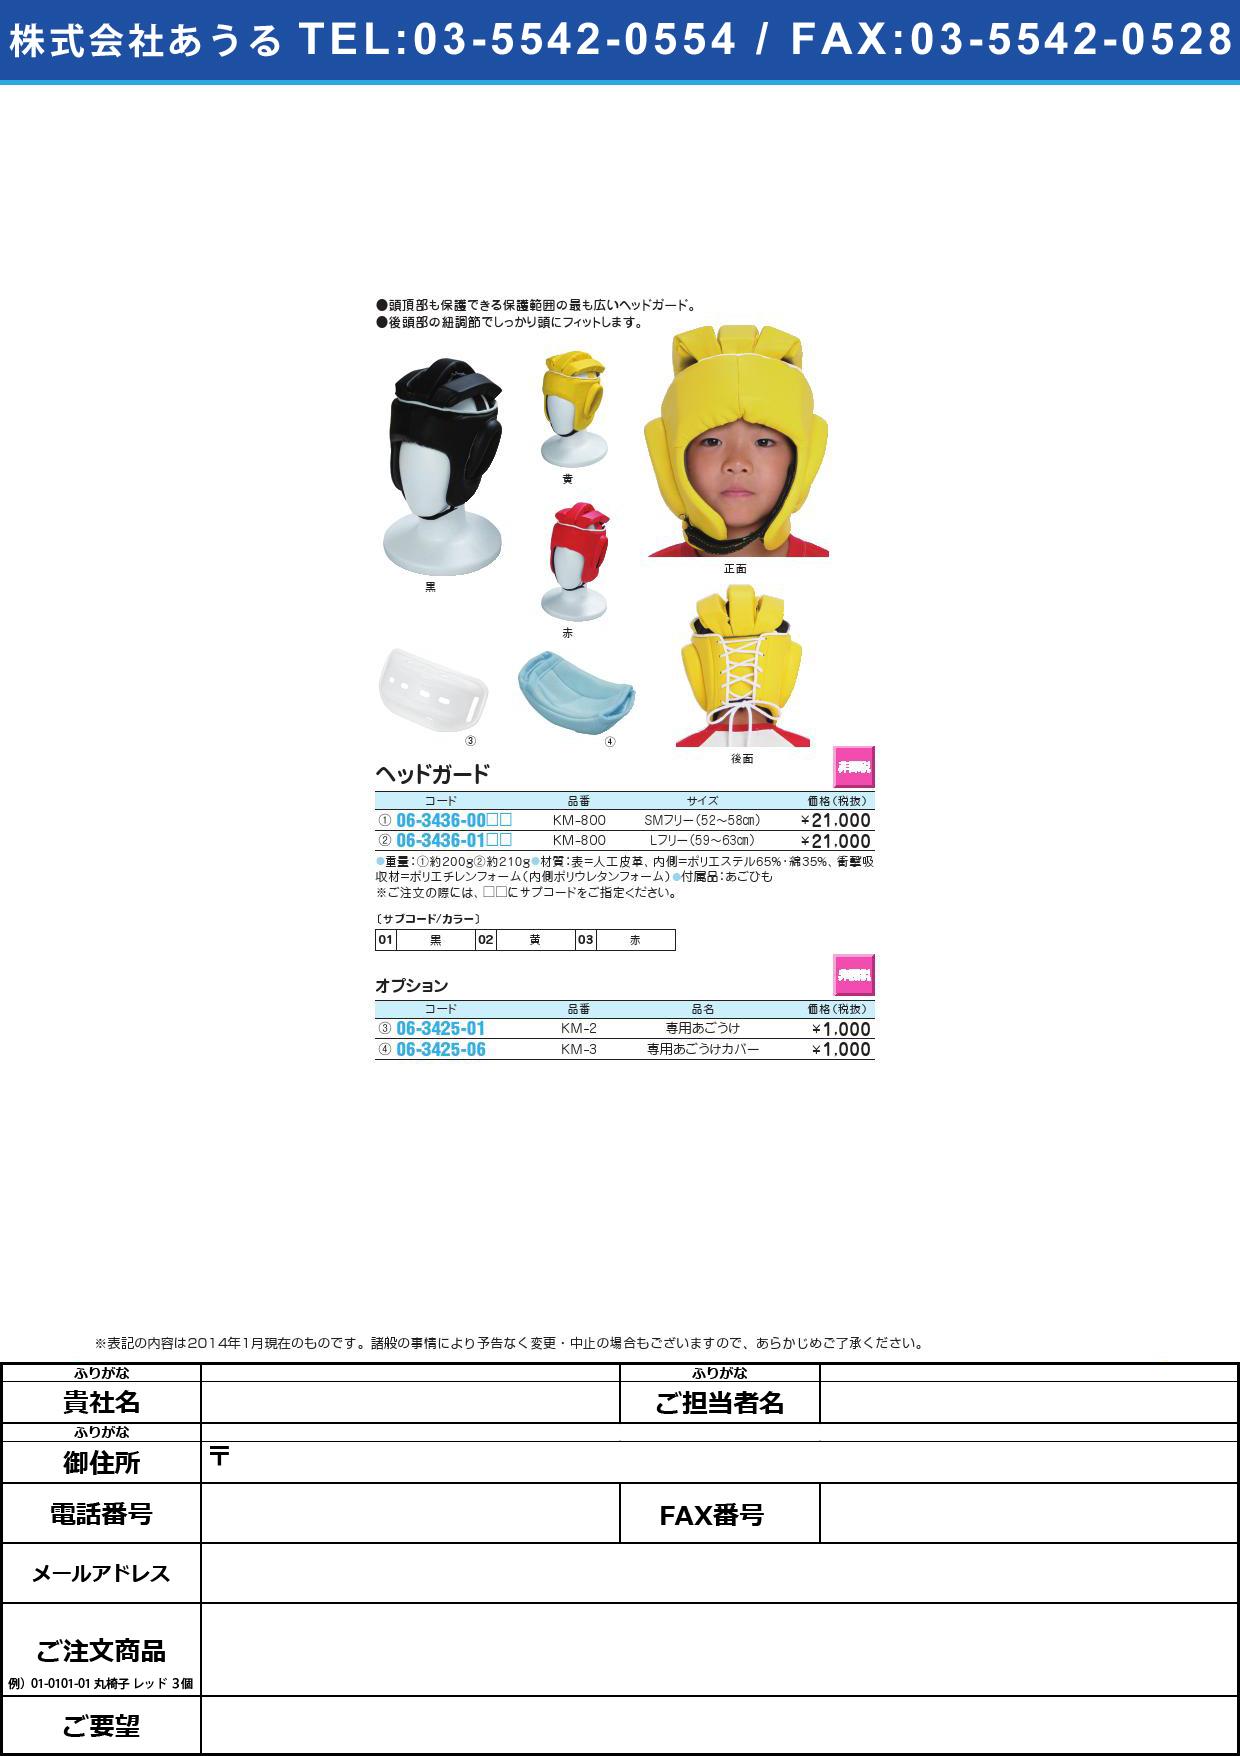 【非課税】ヘッドガード ヘッドガード KM-800 (Lフリー)【1個単位】(06-3436-01)